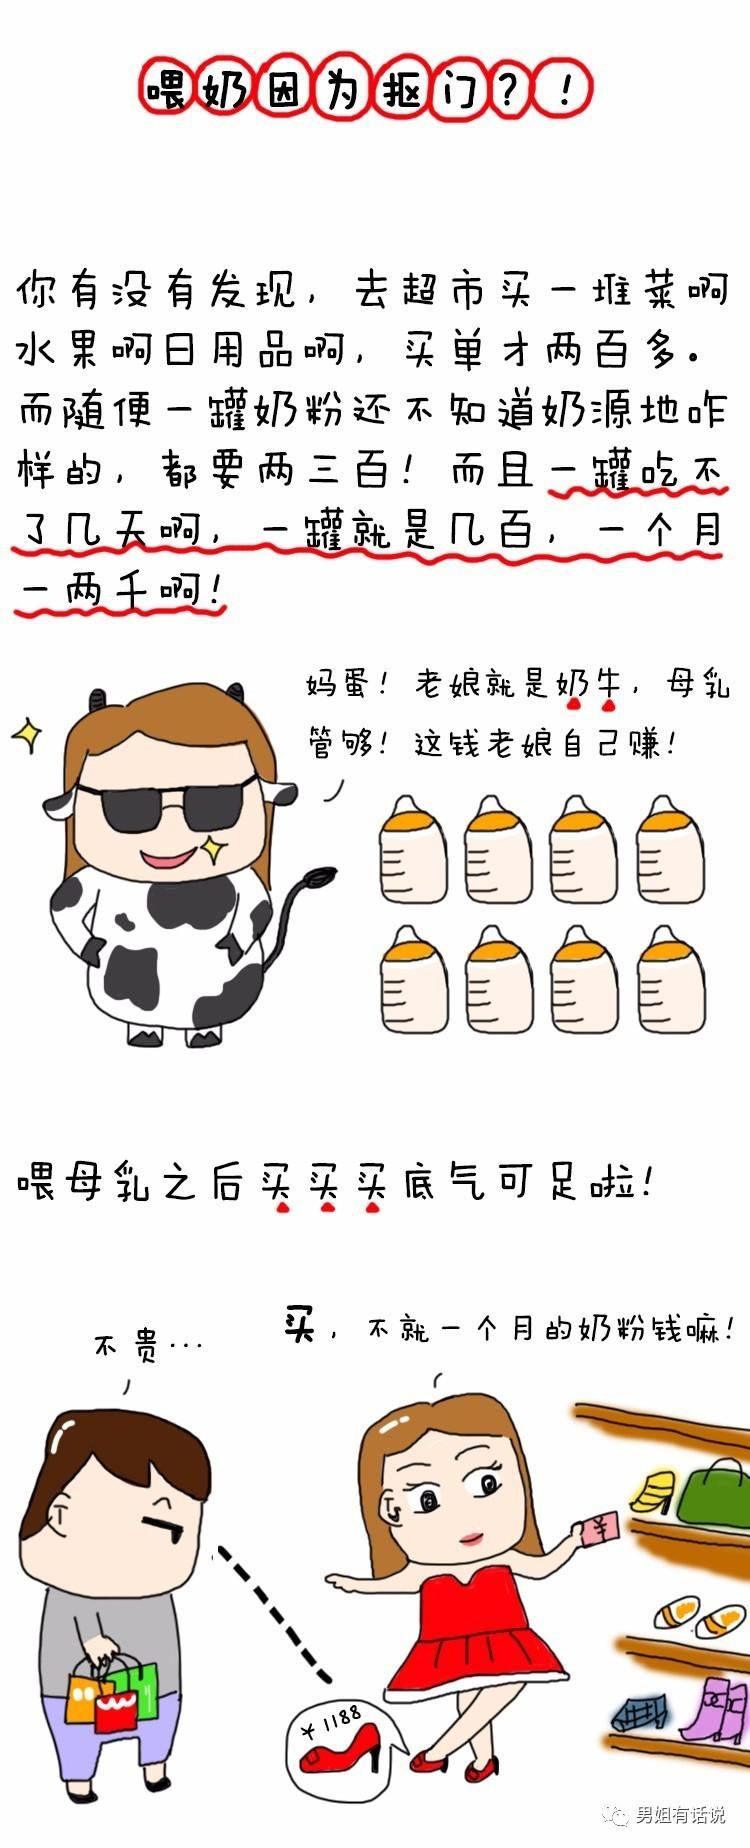 【就是】喂漫画母乳因为懒、怕死、还抠门!_科猴王漫画图片